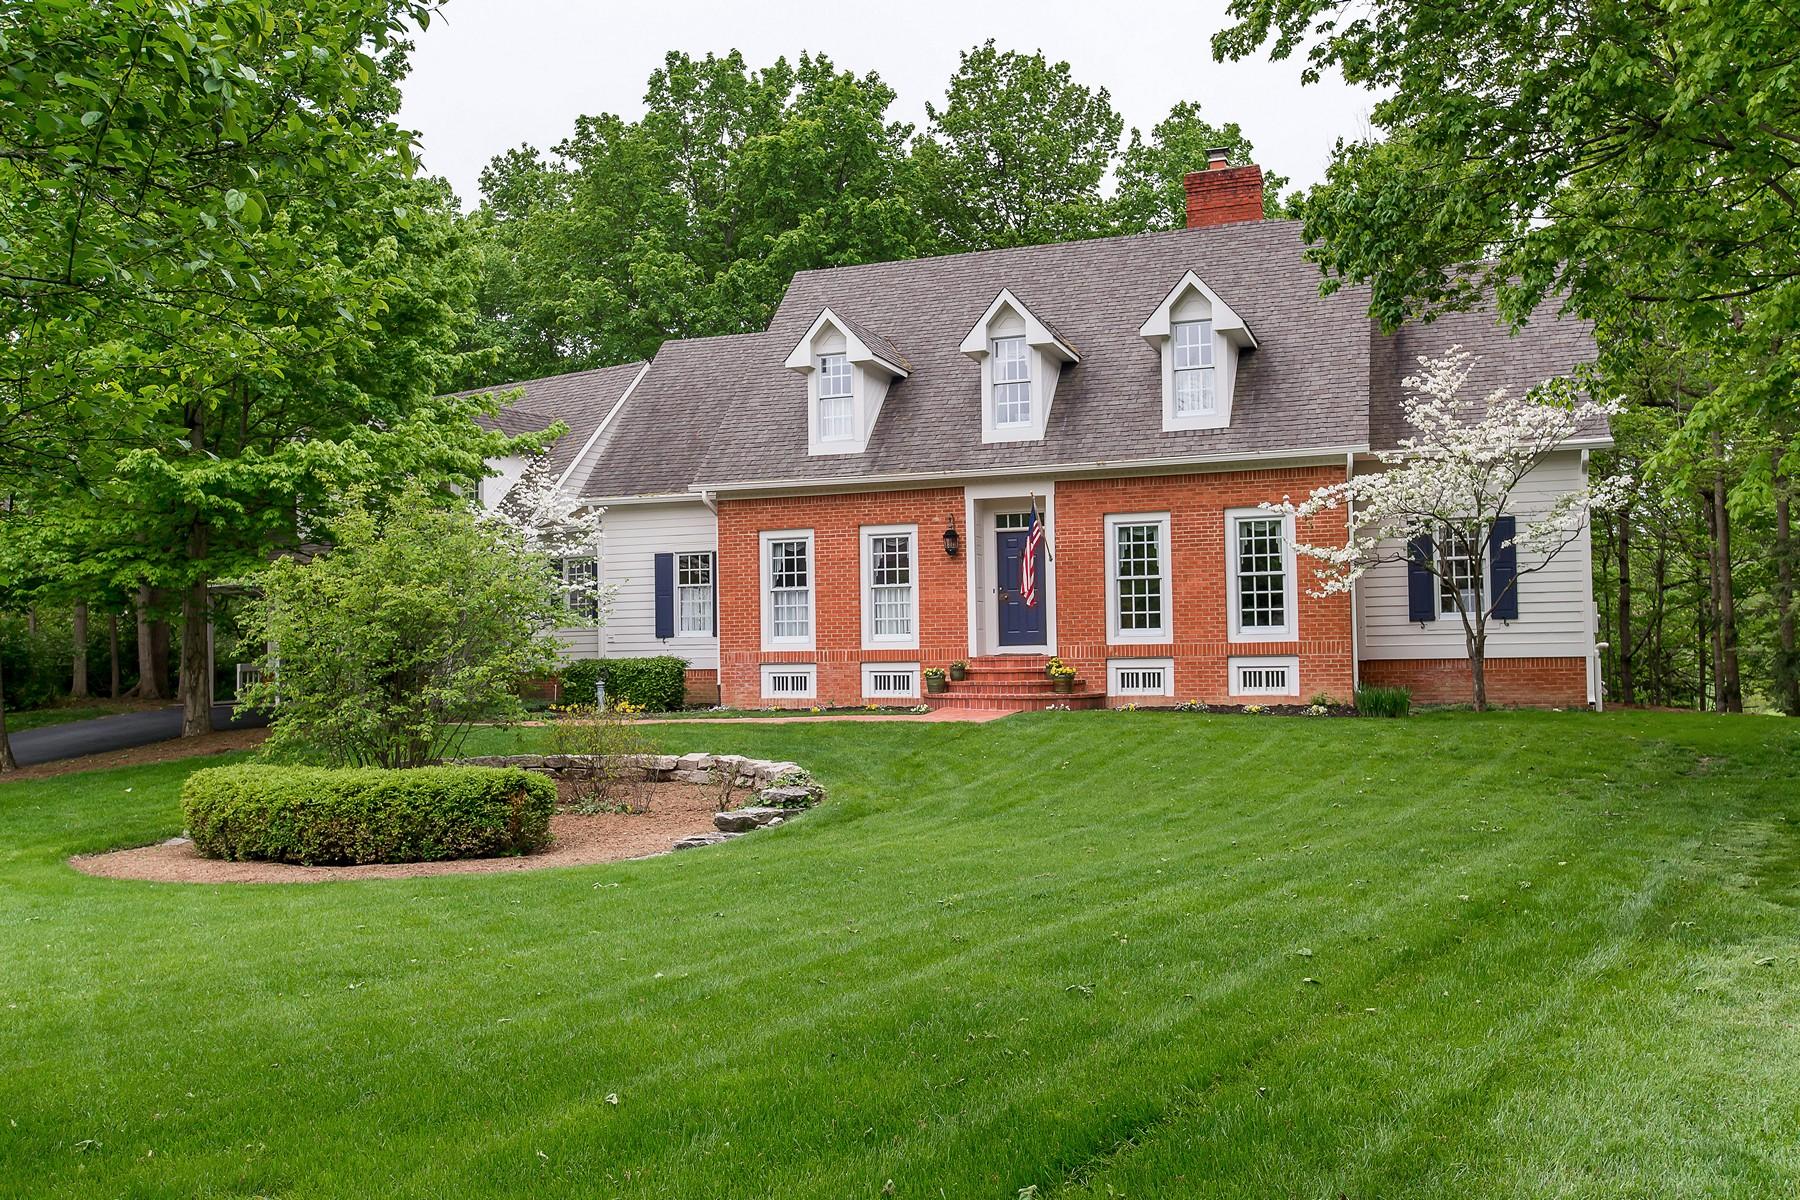 Casa Unifamiliar por un Venta en Classic Williamsburg on 1 Acre Waterfront Lot 8716 Bay Tree Court Indianapolis, Indiana, 46236 Estados Unidos